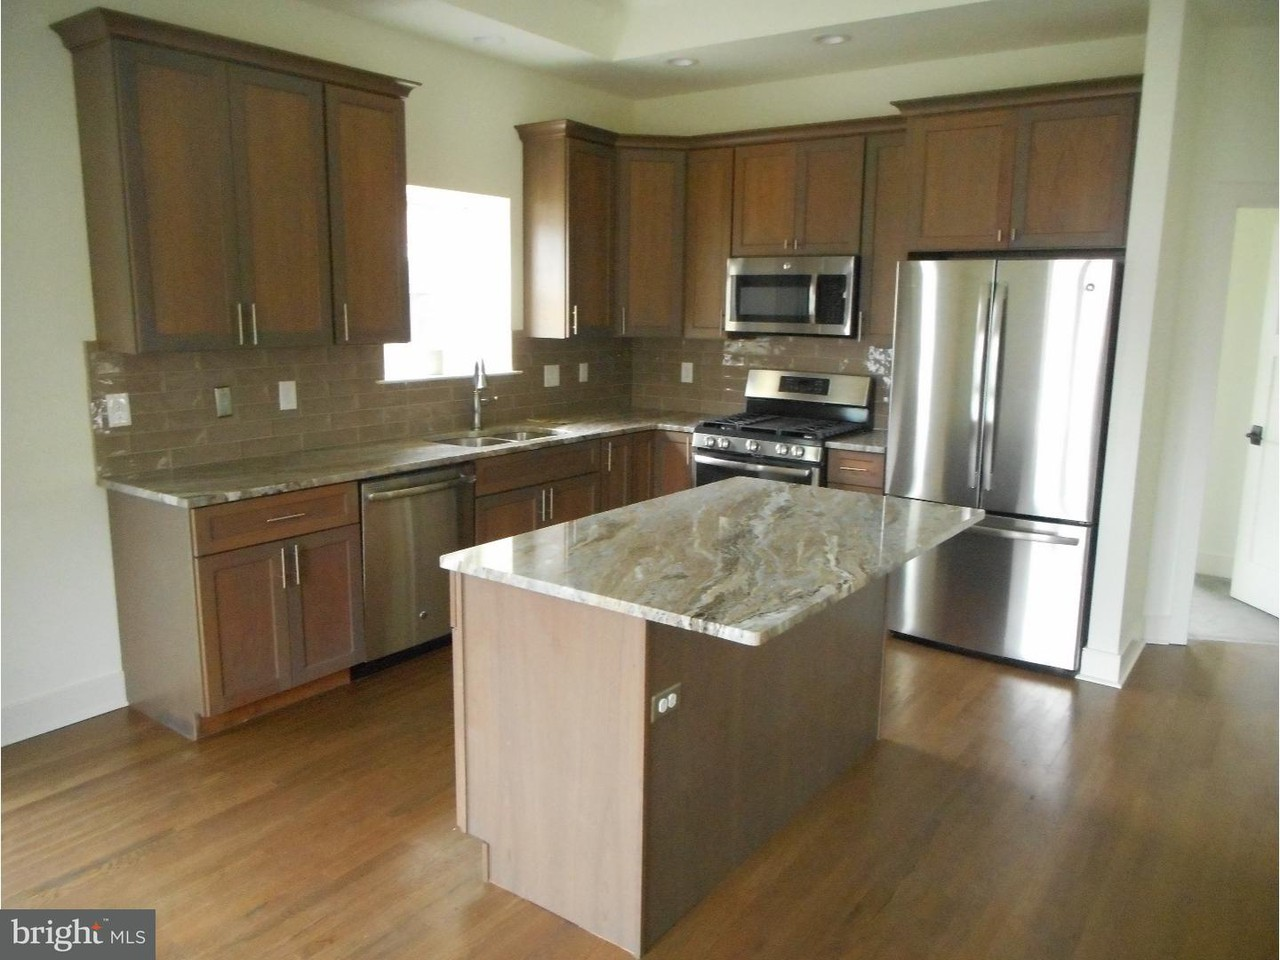 2655 Hulmeville Rd #B, Bensalem, PA 19020 2 Bedroom Condo for Rent ...